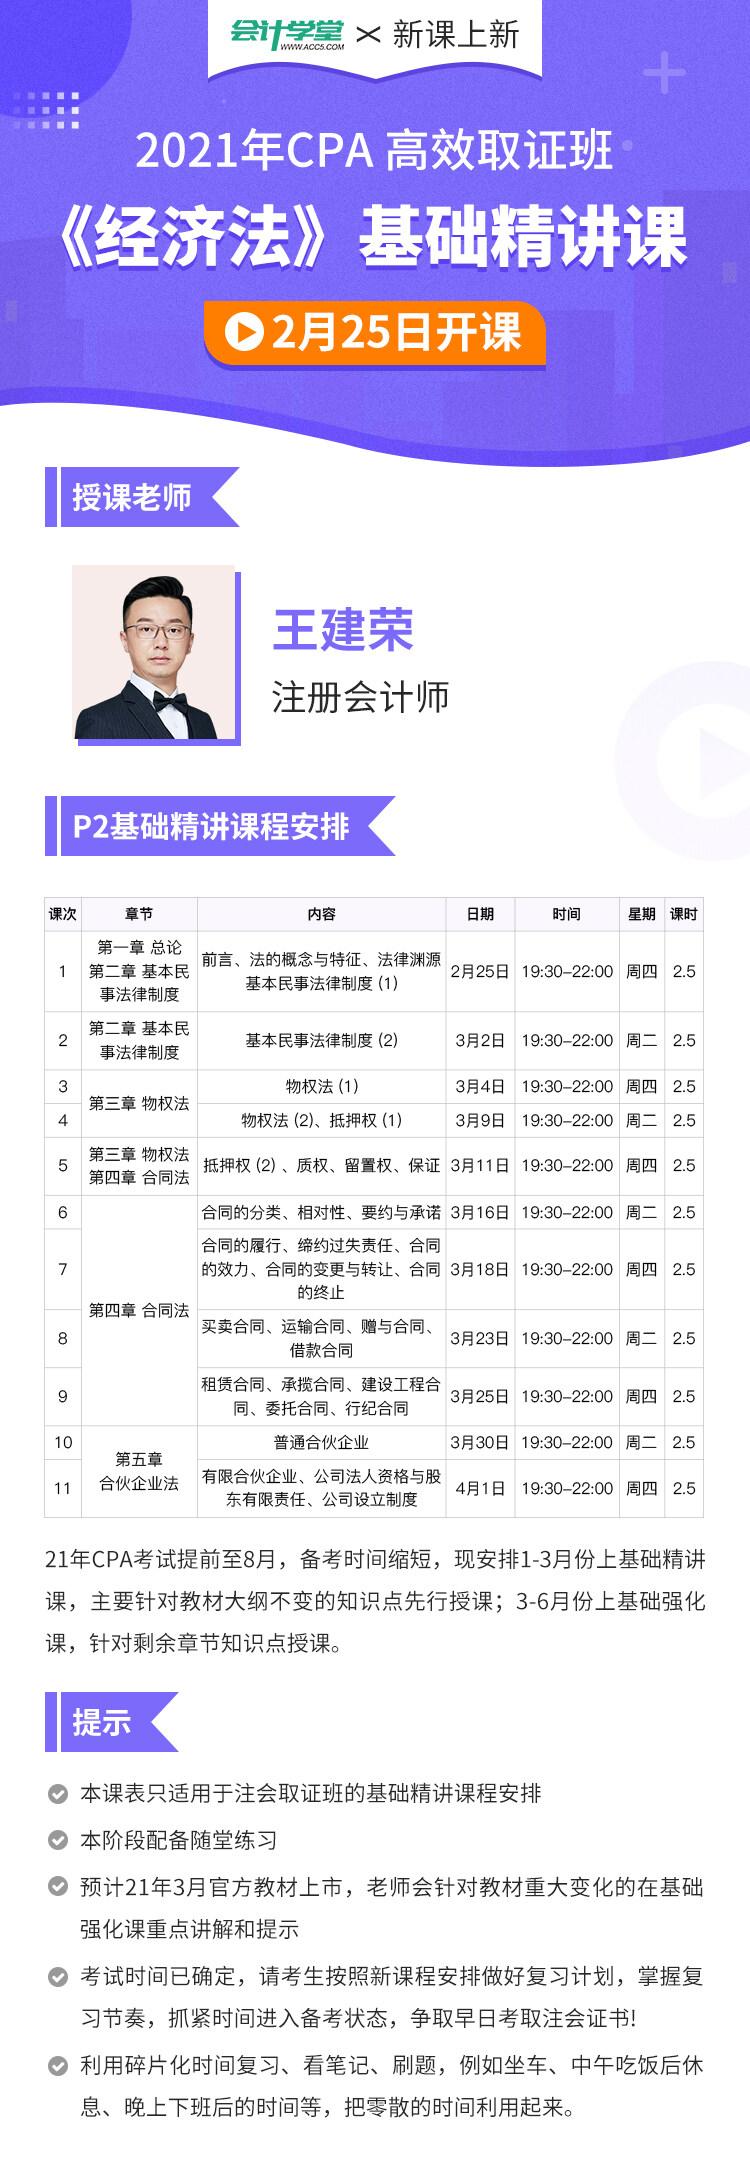 CPA取证班课表-经济法(王建荣)(1).jpg